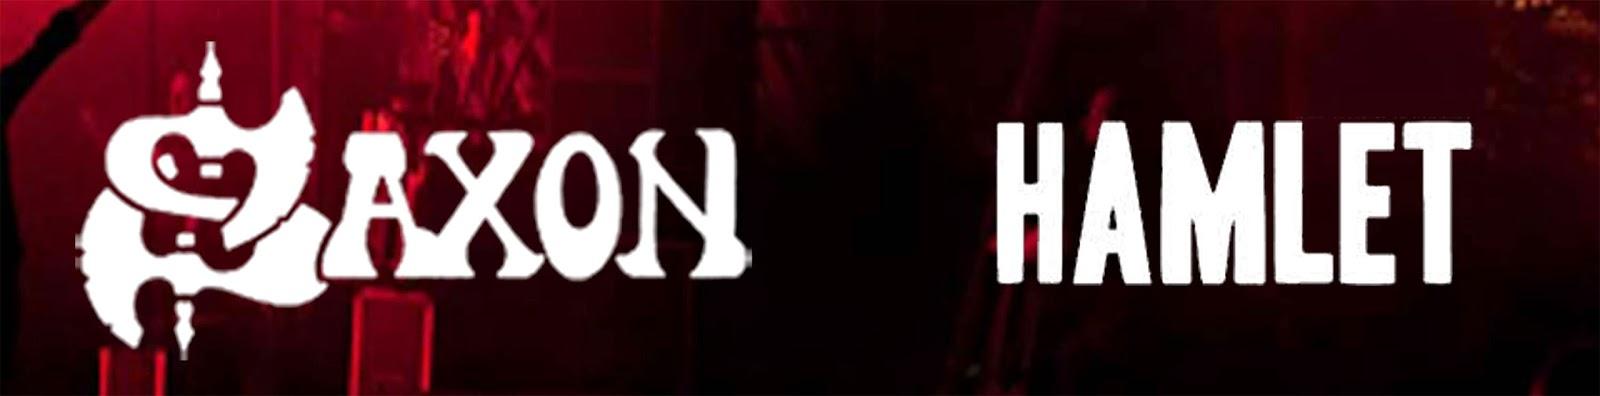 http://www.rockfestbarcelona.com/